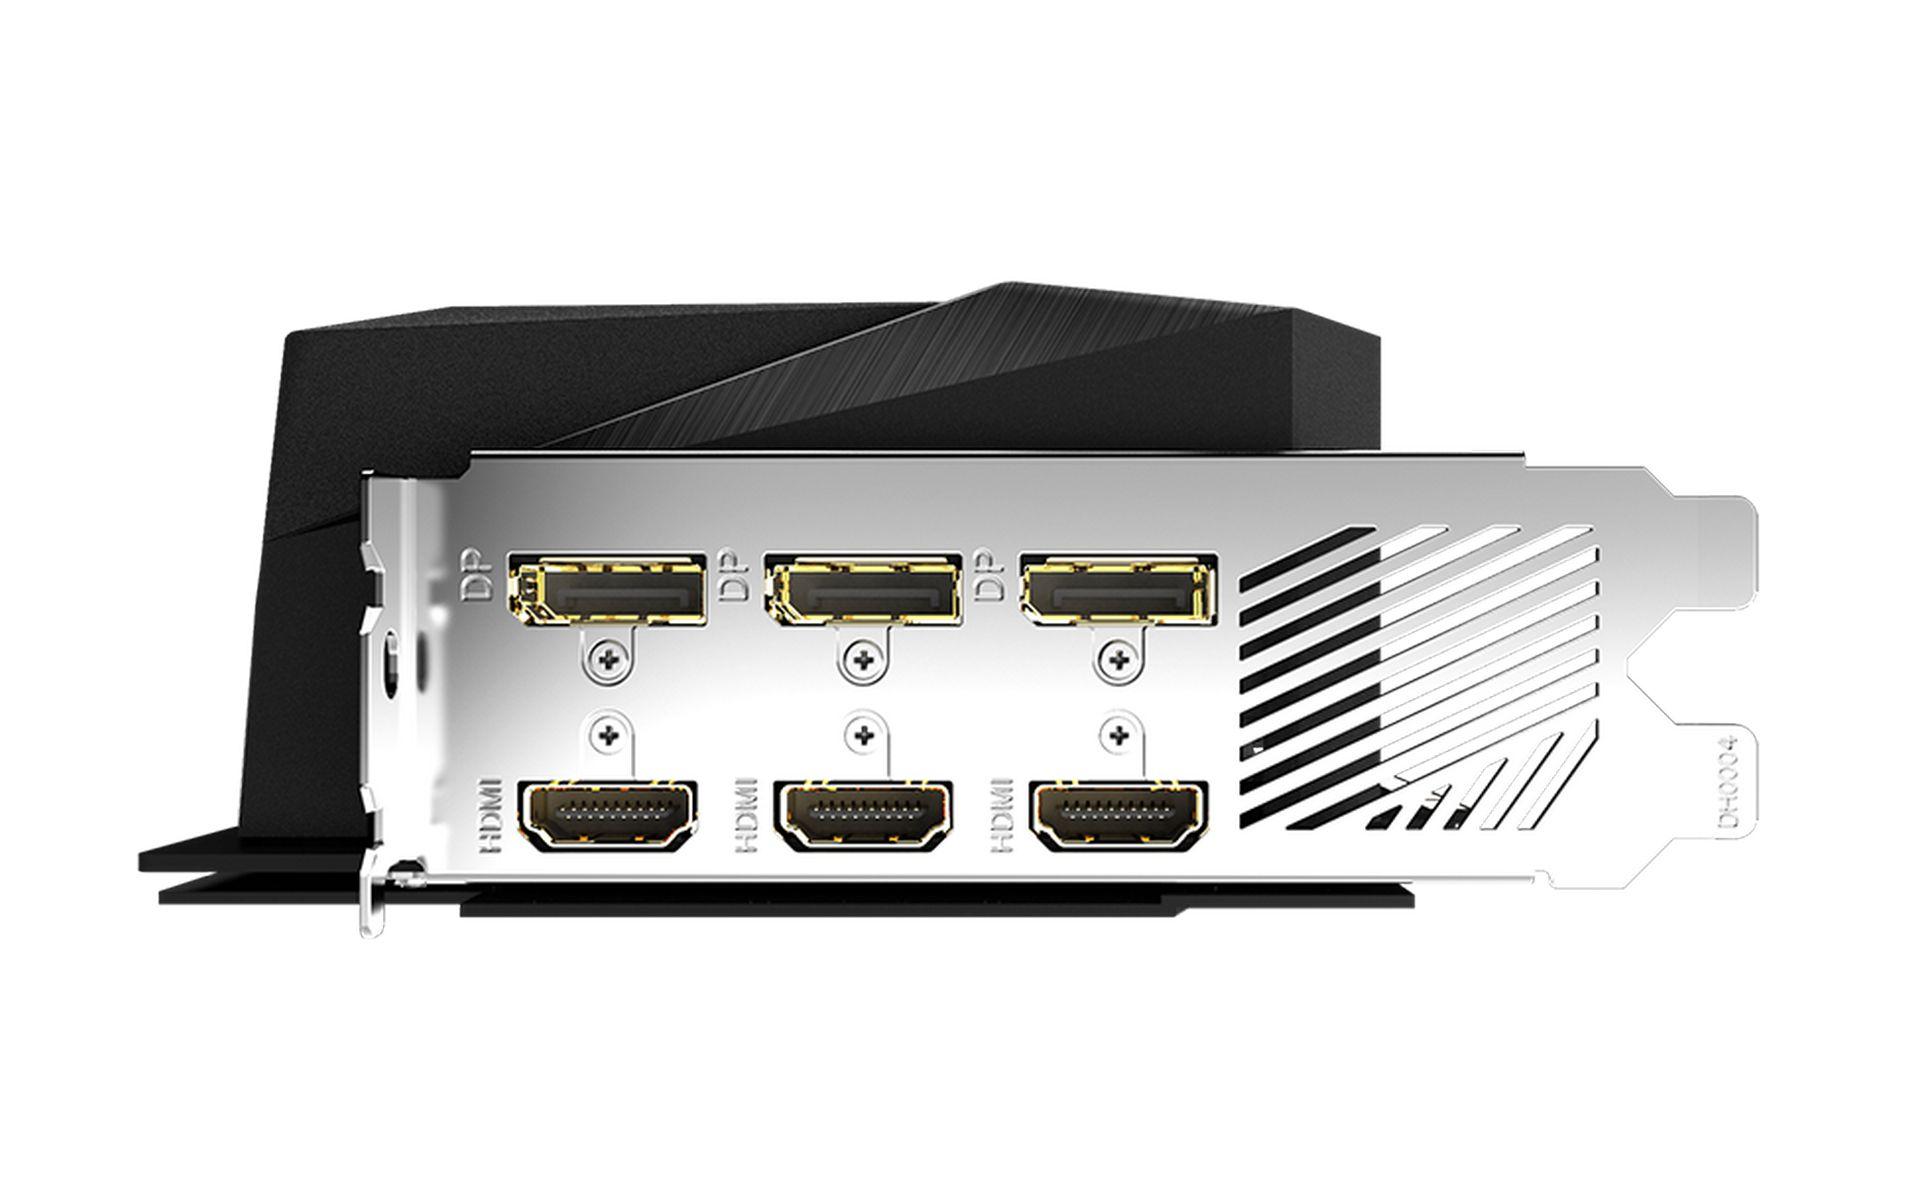 AORUS RTX 3070 MASTER 8G cũng có 6 đầu nối đầu ra video